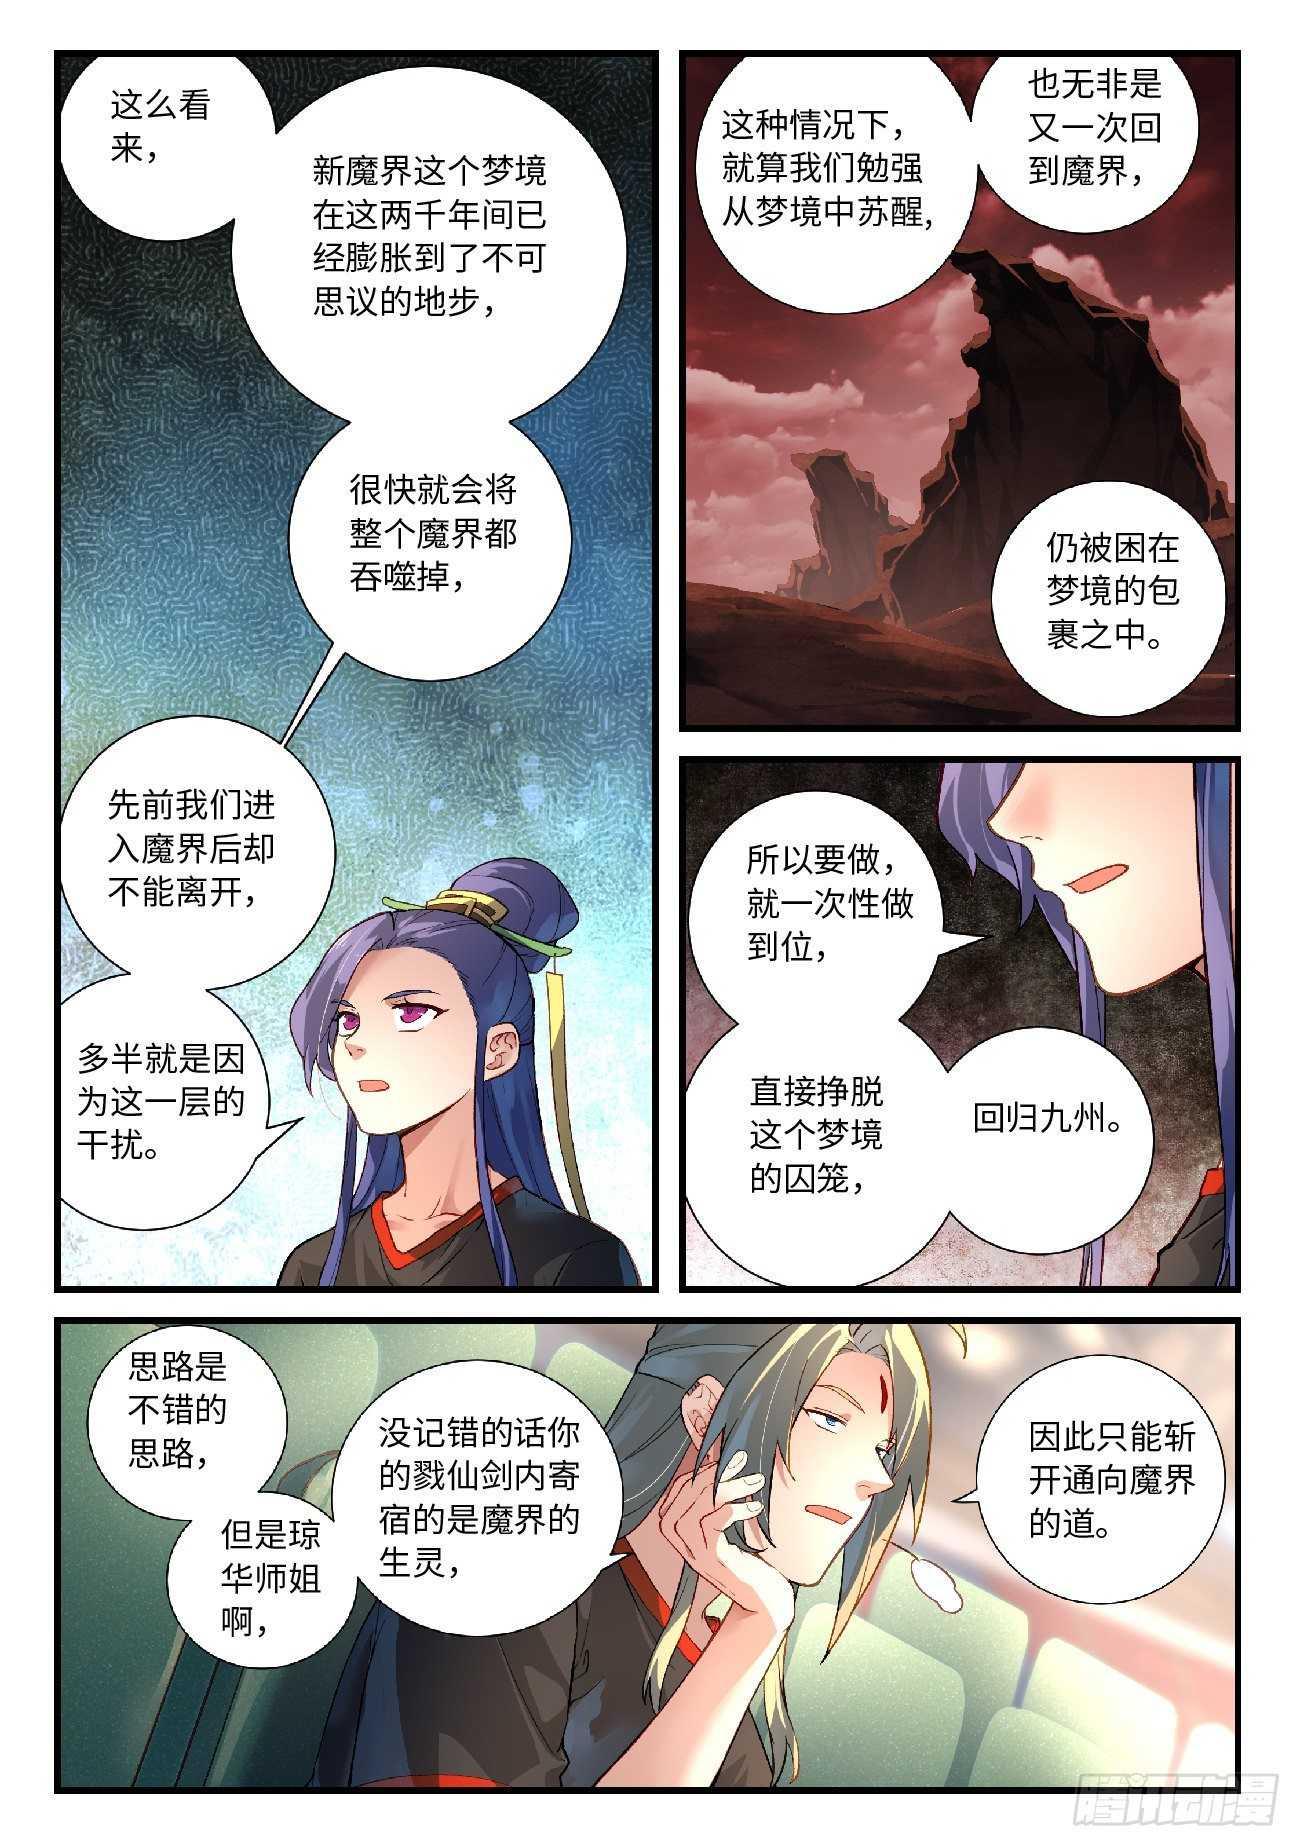 【漫画更新】《从前有座灵剑山》总613~614章